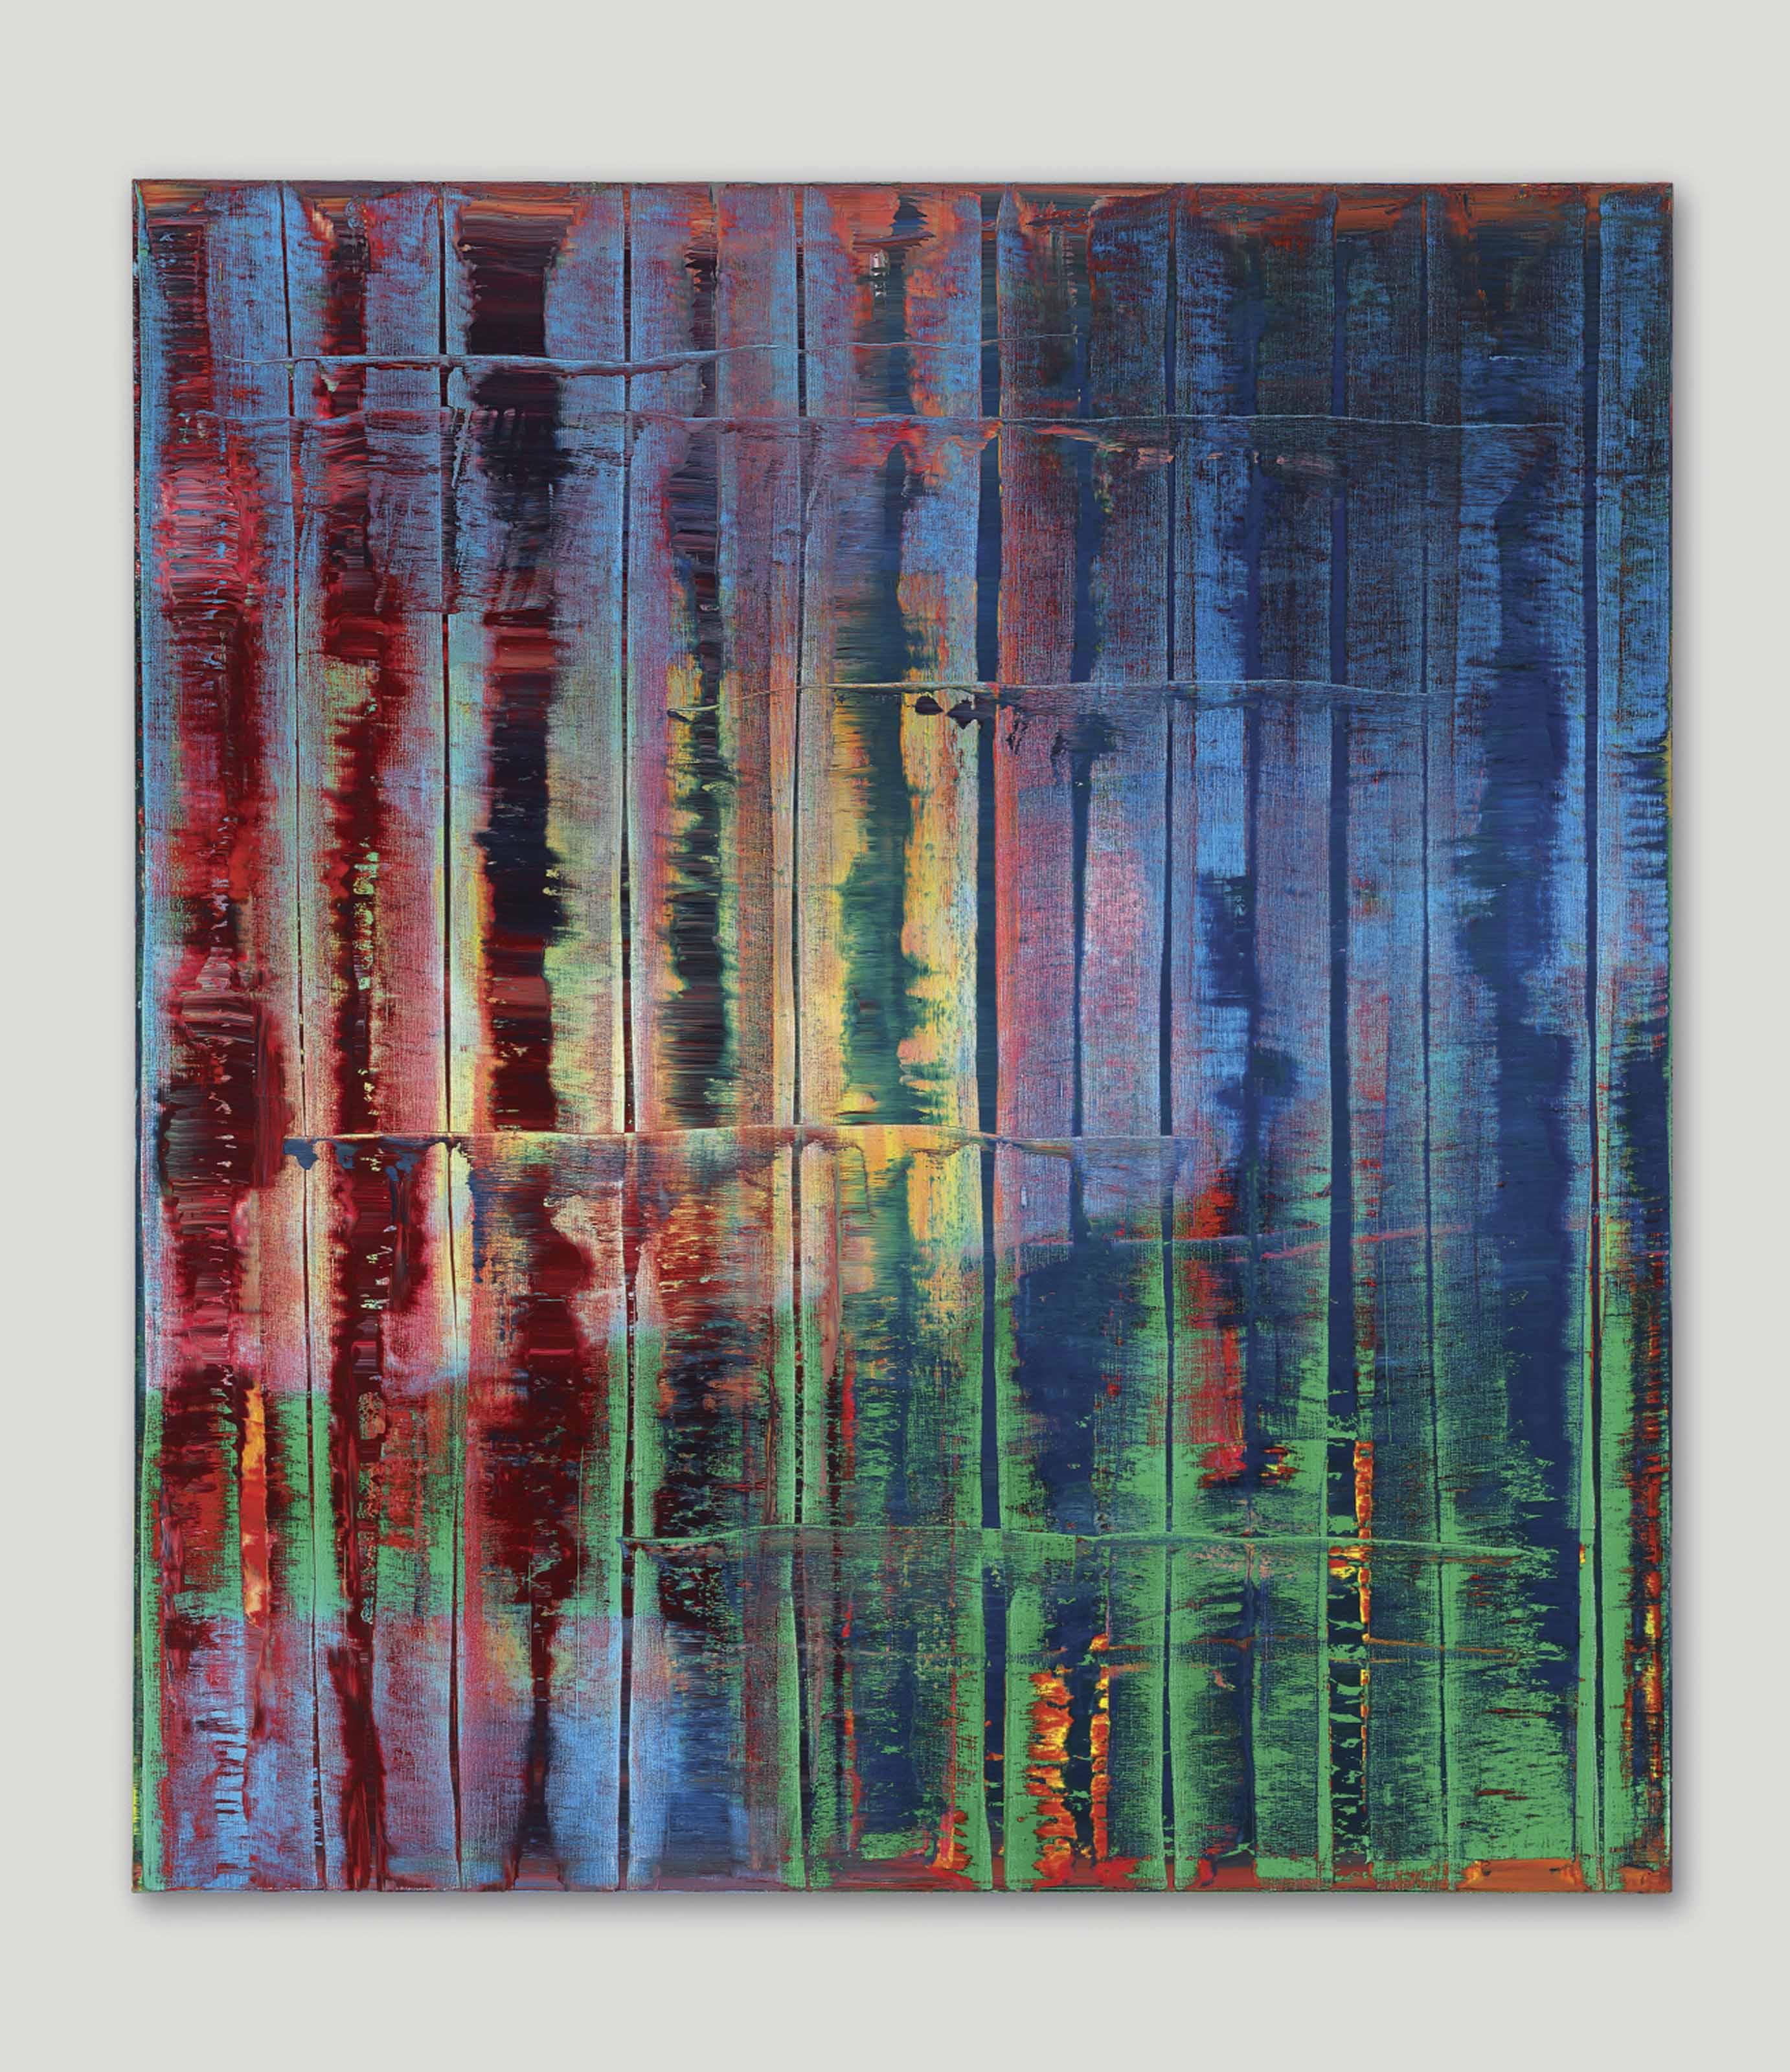 Audio: Gerhard Richter, Abstraktes Bild (774-4)